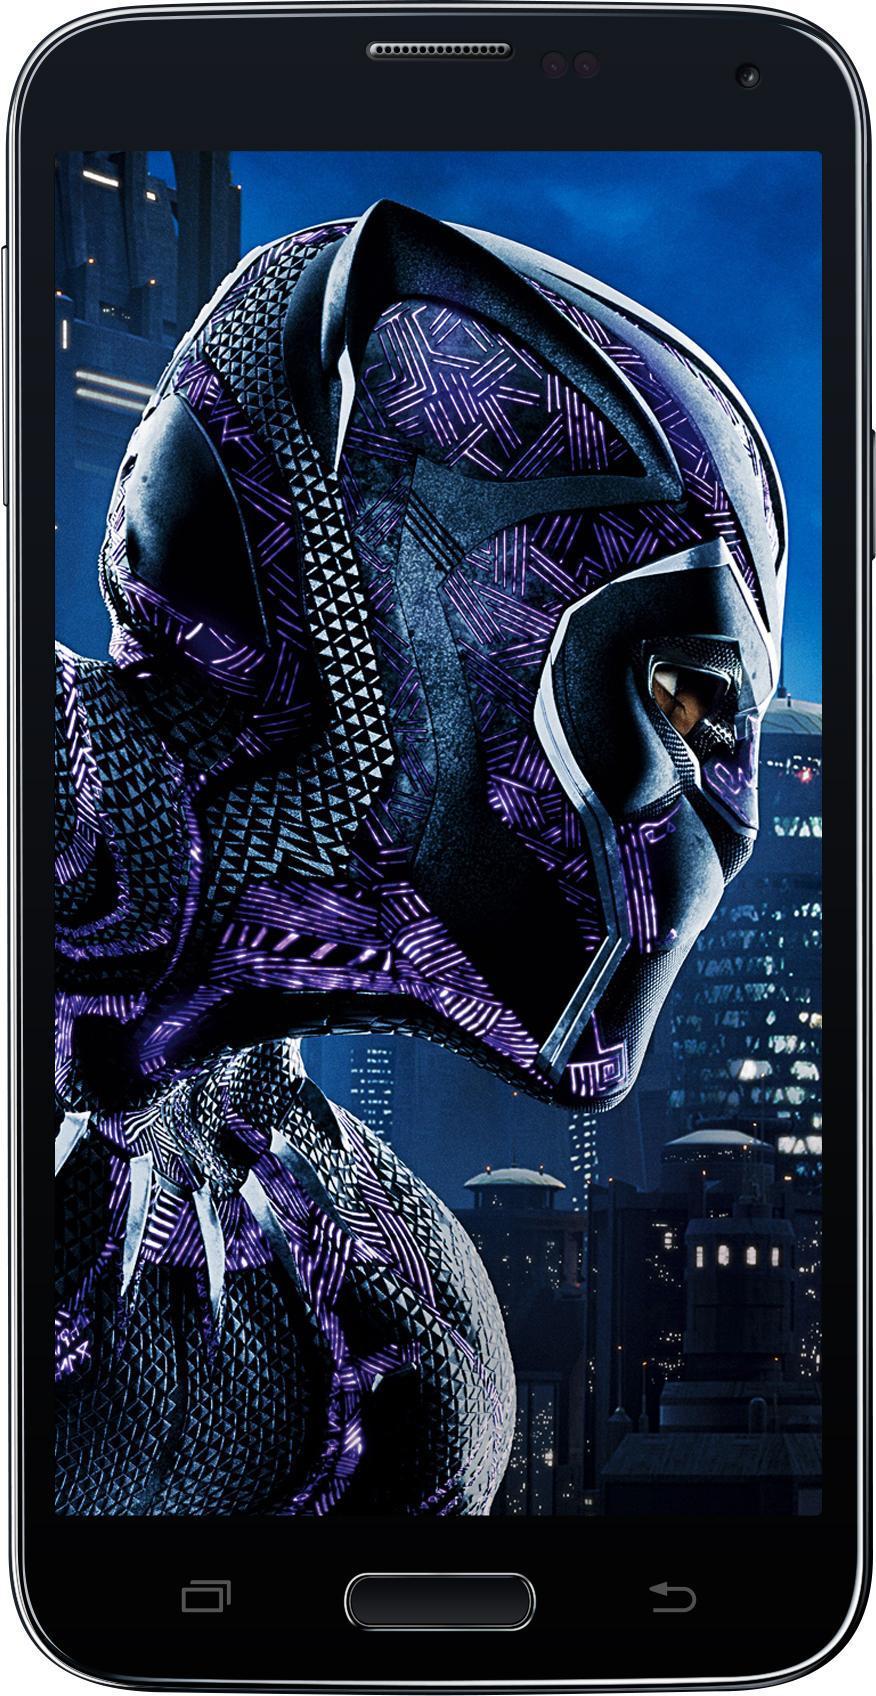 Unduh 9100 Koleksi Wallpaper Black Panther Android Gratis